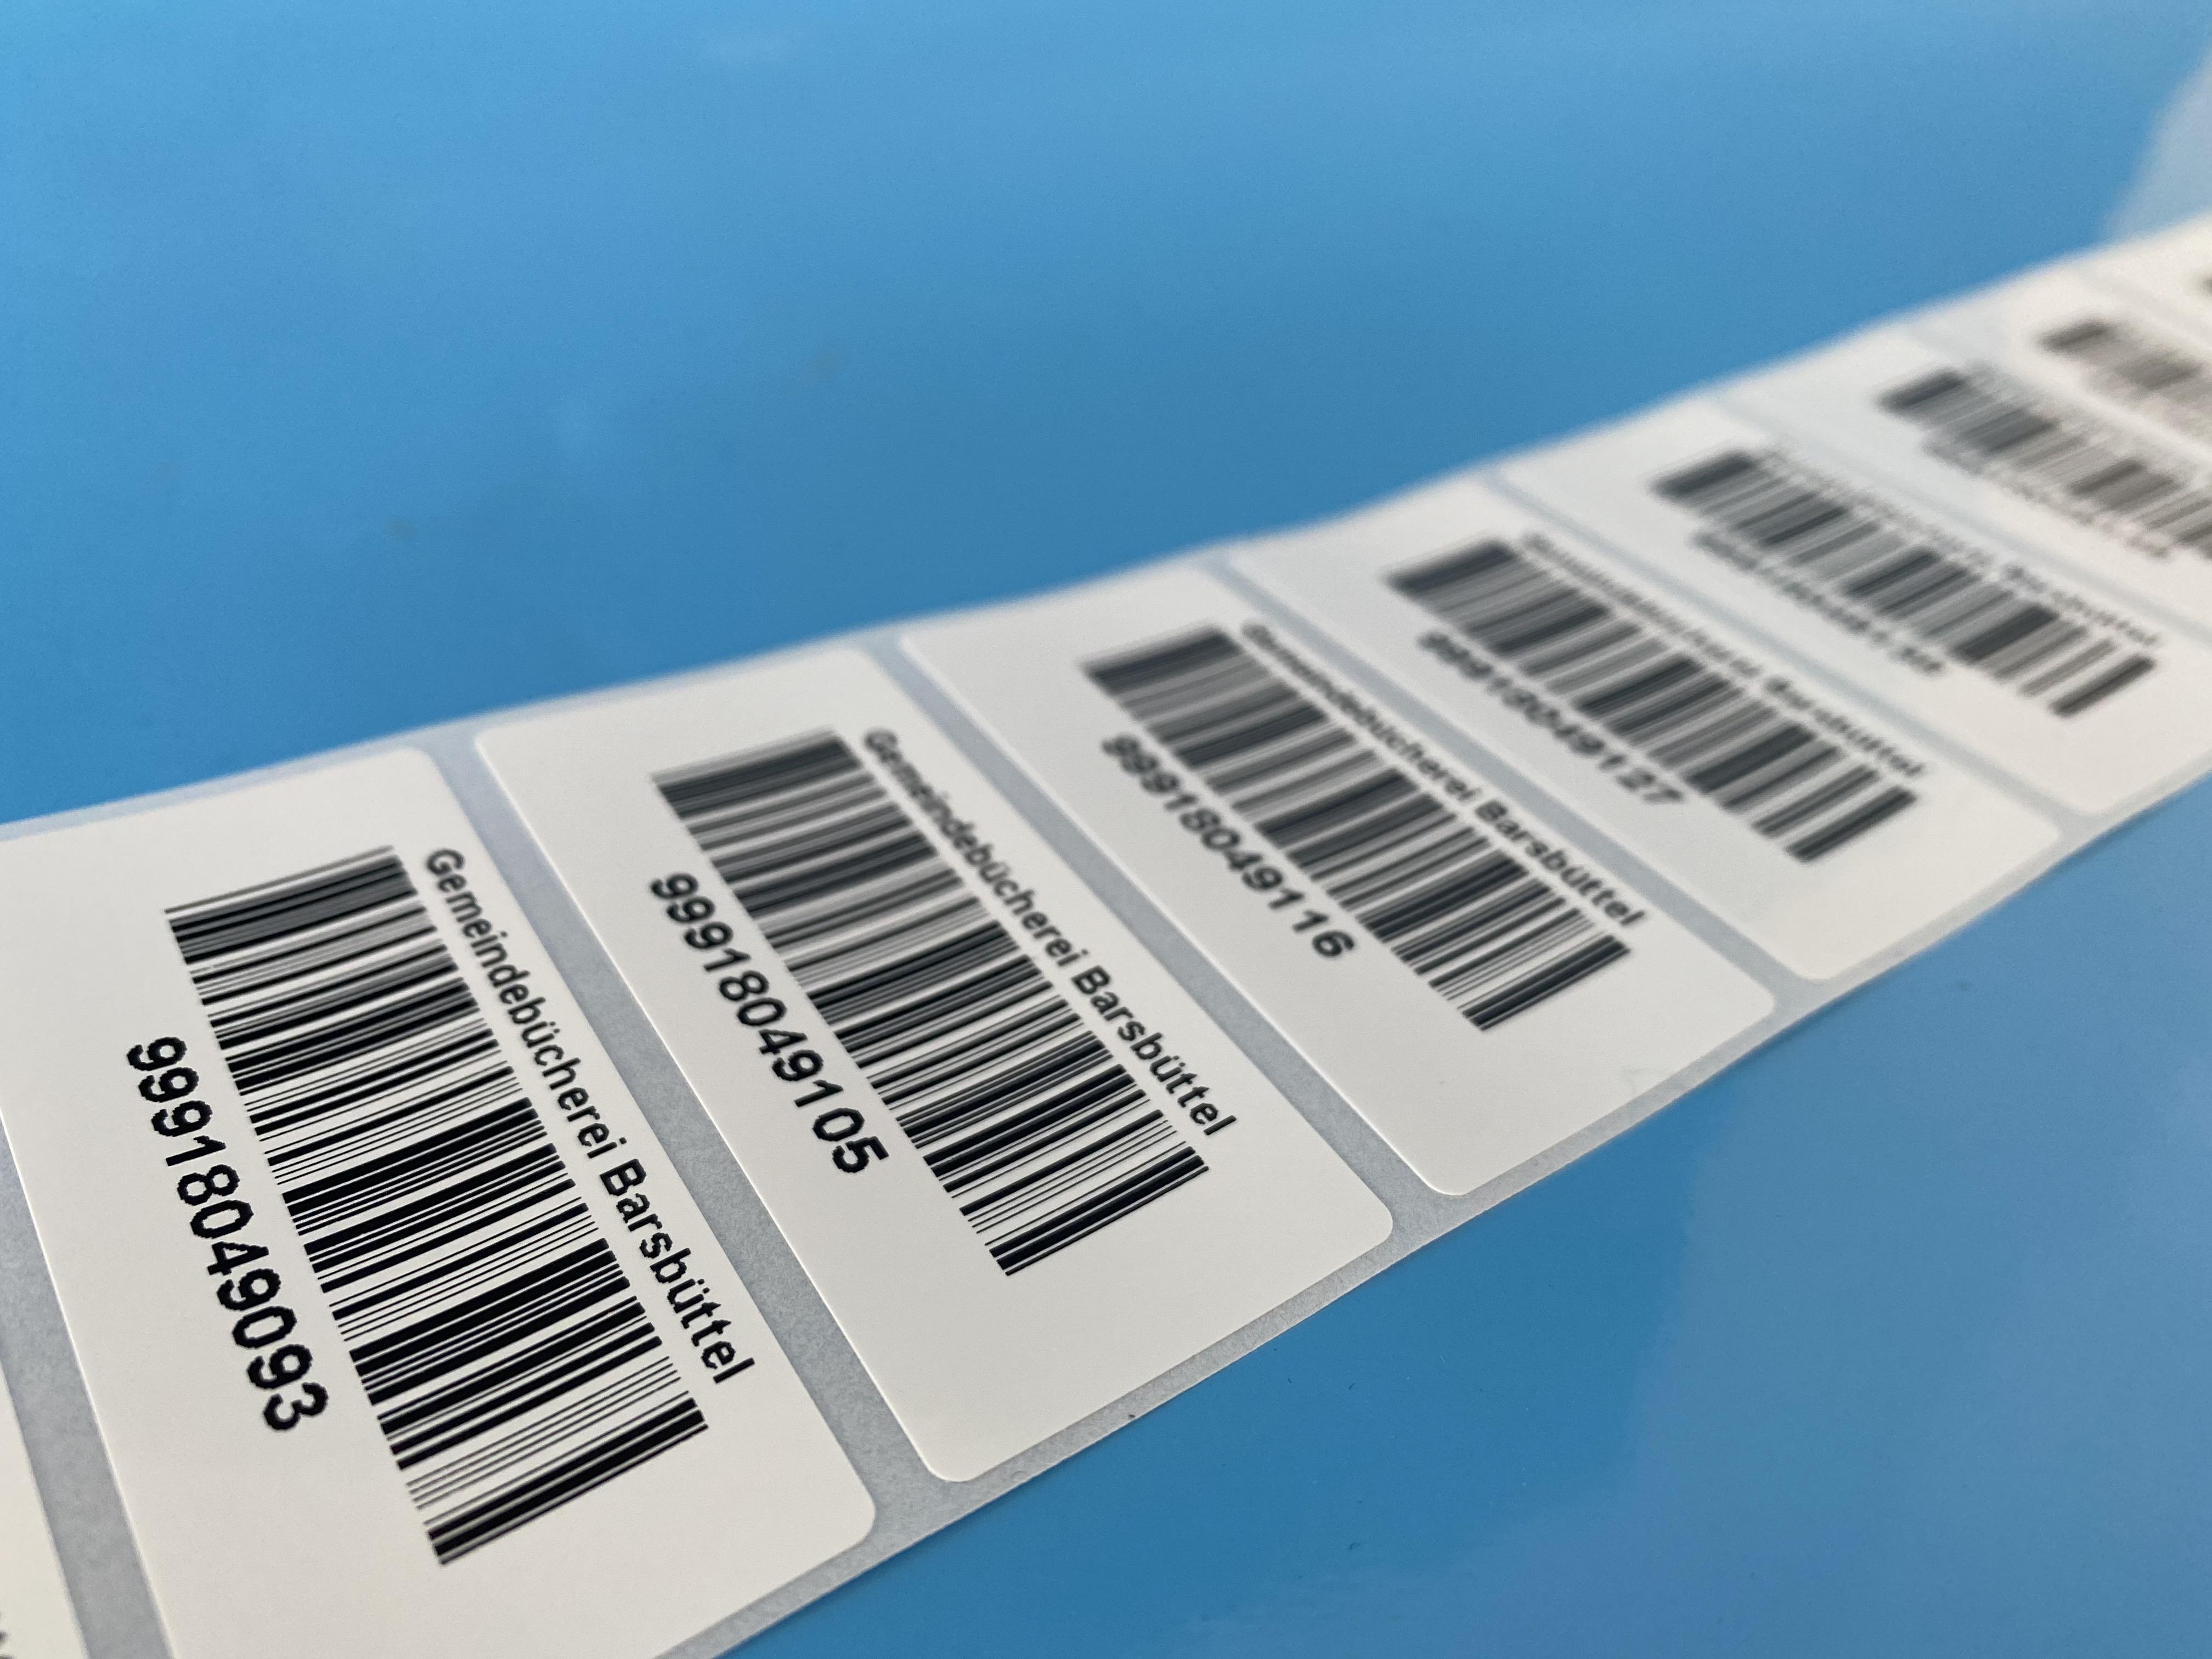 Individuell bedruckte Barcode-Etiketten auf Rollen